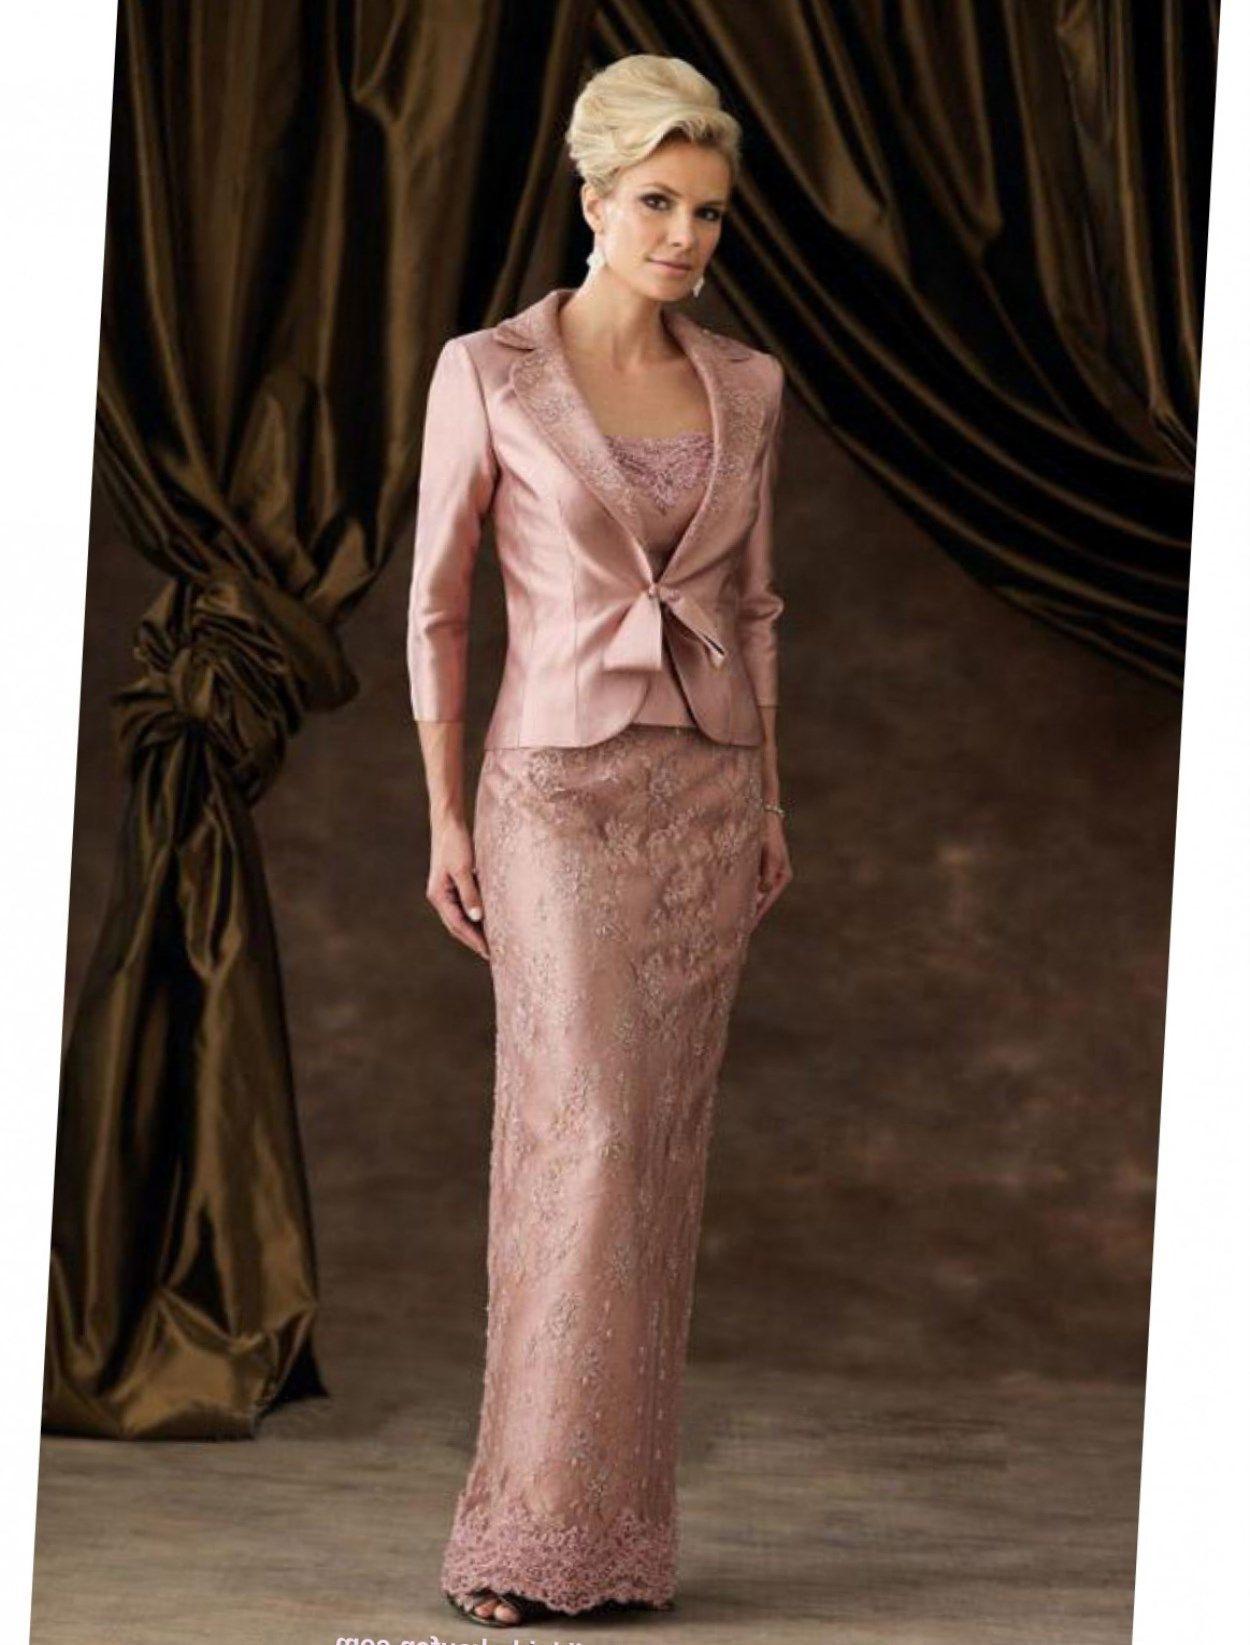 Abend Einfach Abendkleider Für Ältere Frauen Boutique Ausgezeichnet Abendkleider Für Ältere Frauen Ärmel